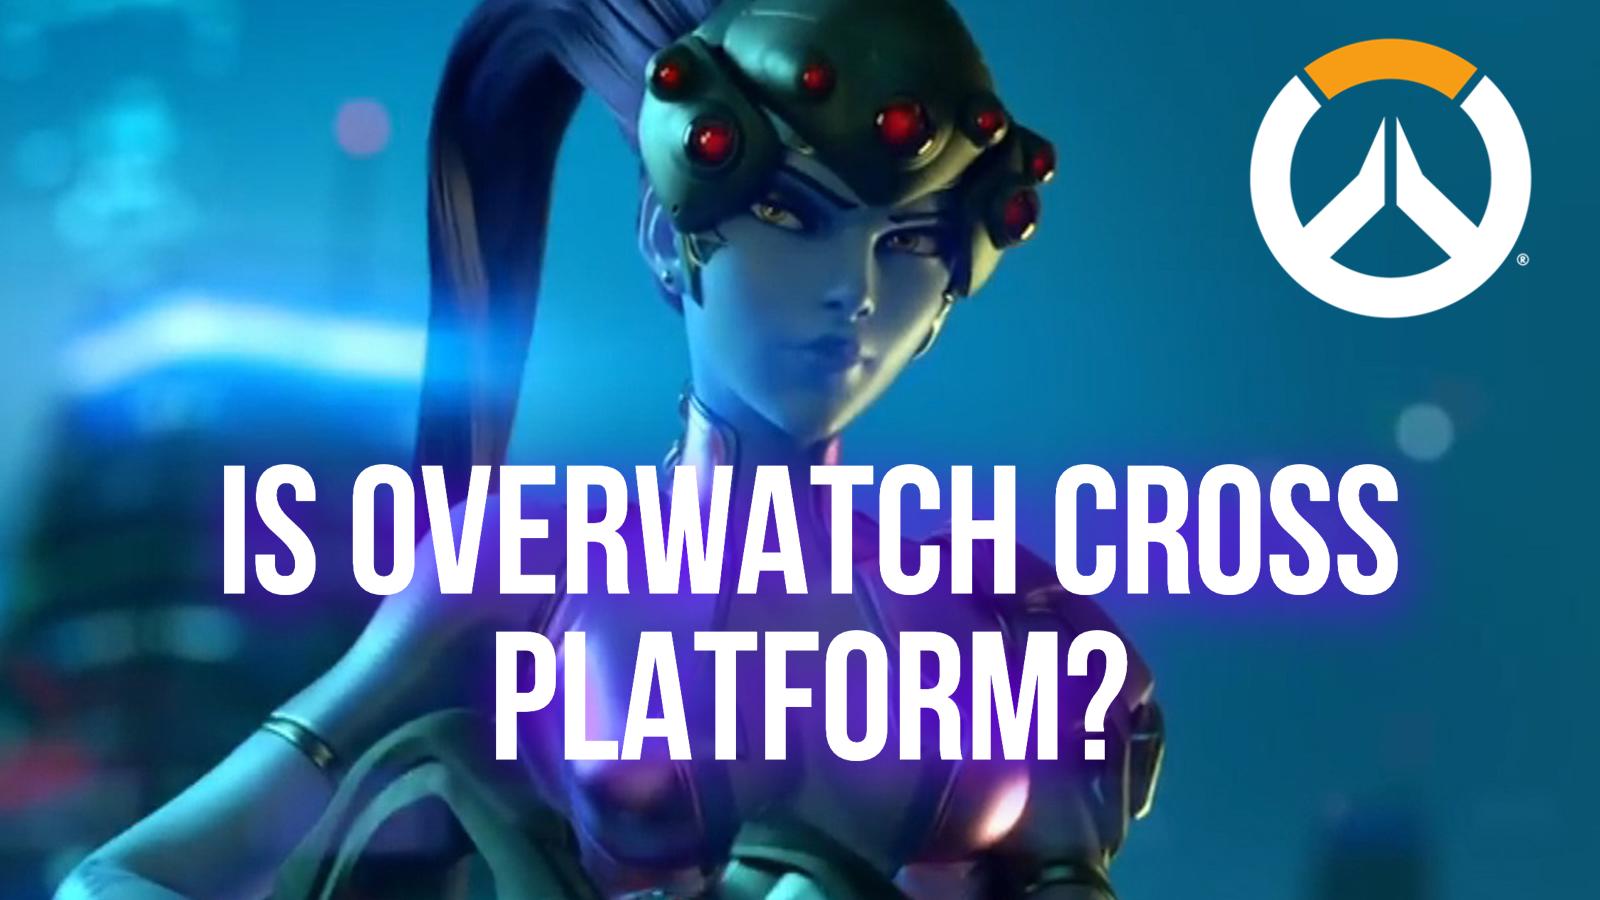 Is Overwatch Cross Platform Widowmaker